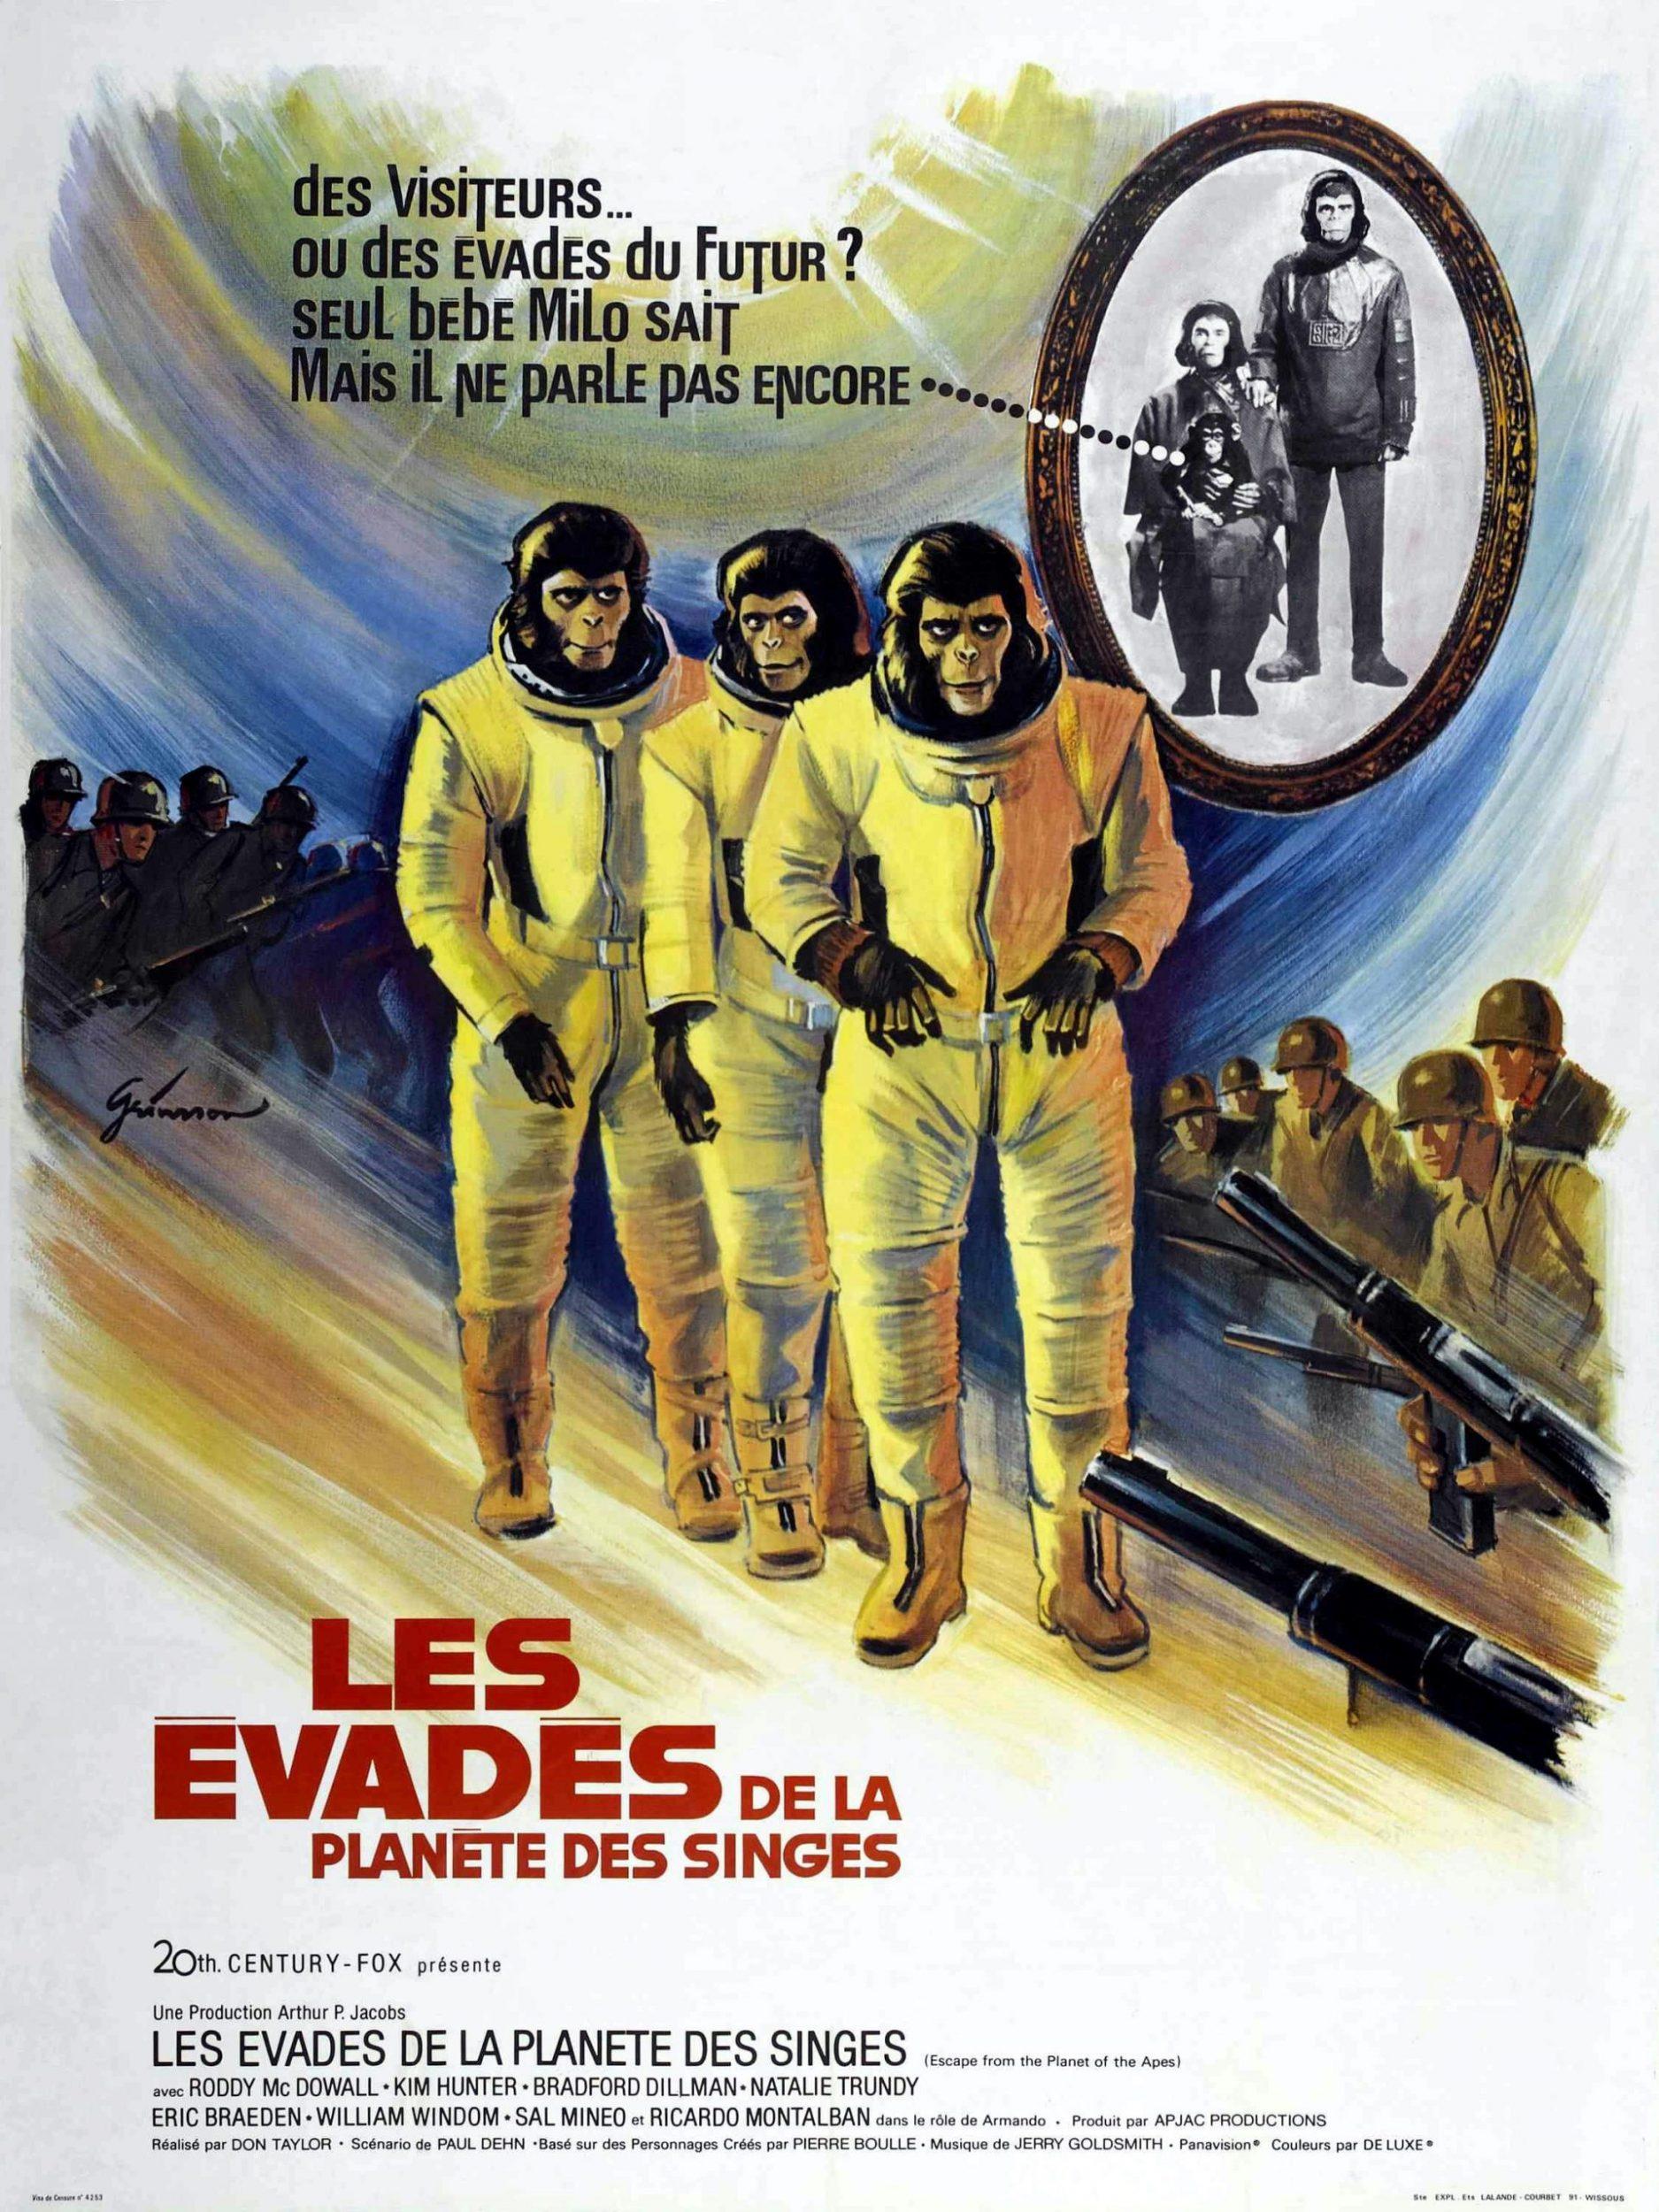 affiche poster évadés planète singes escape planet apes disney fox